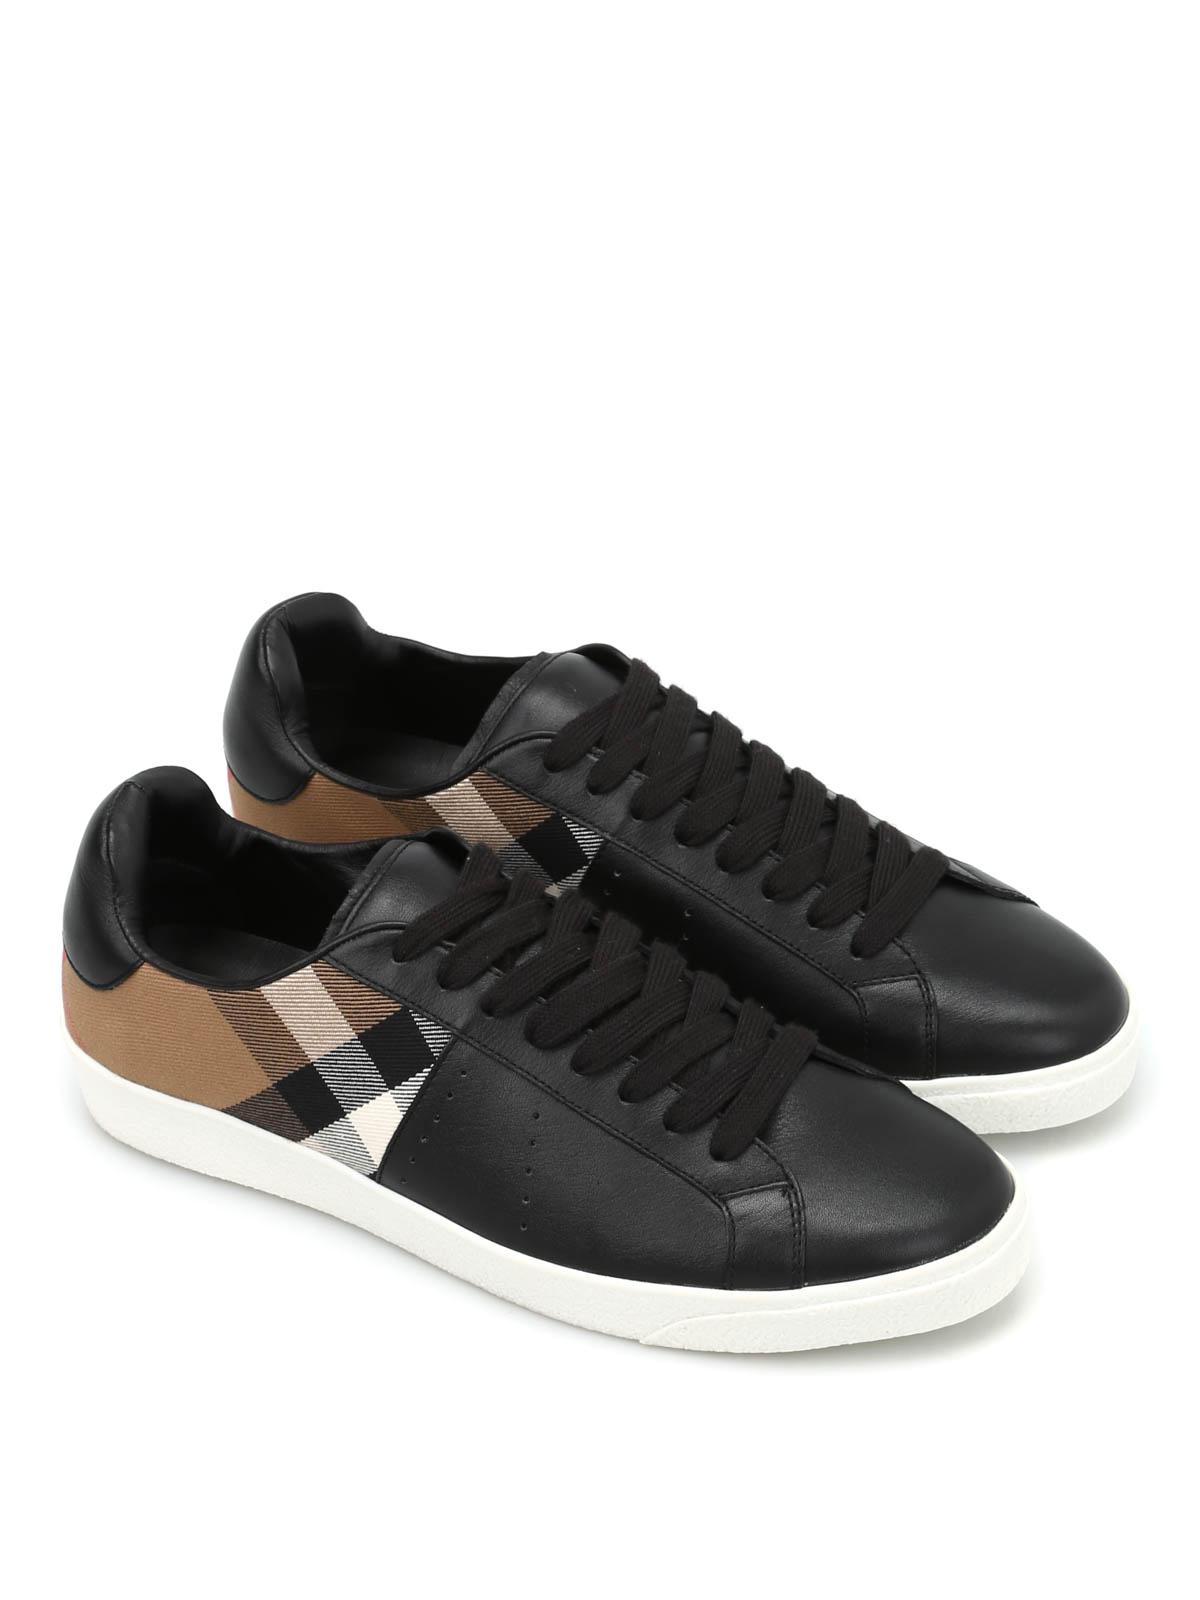 9327edff903 Burberry - Baskets Noir Pour Homme - Chaussures de sport - 3941709